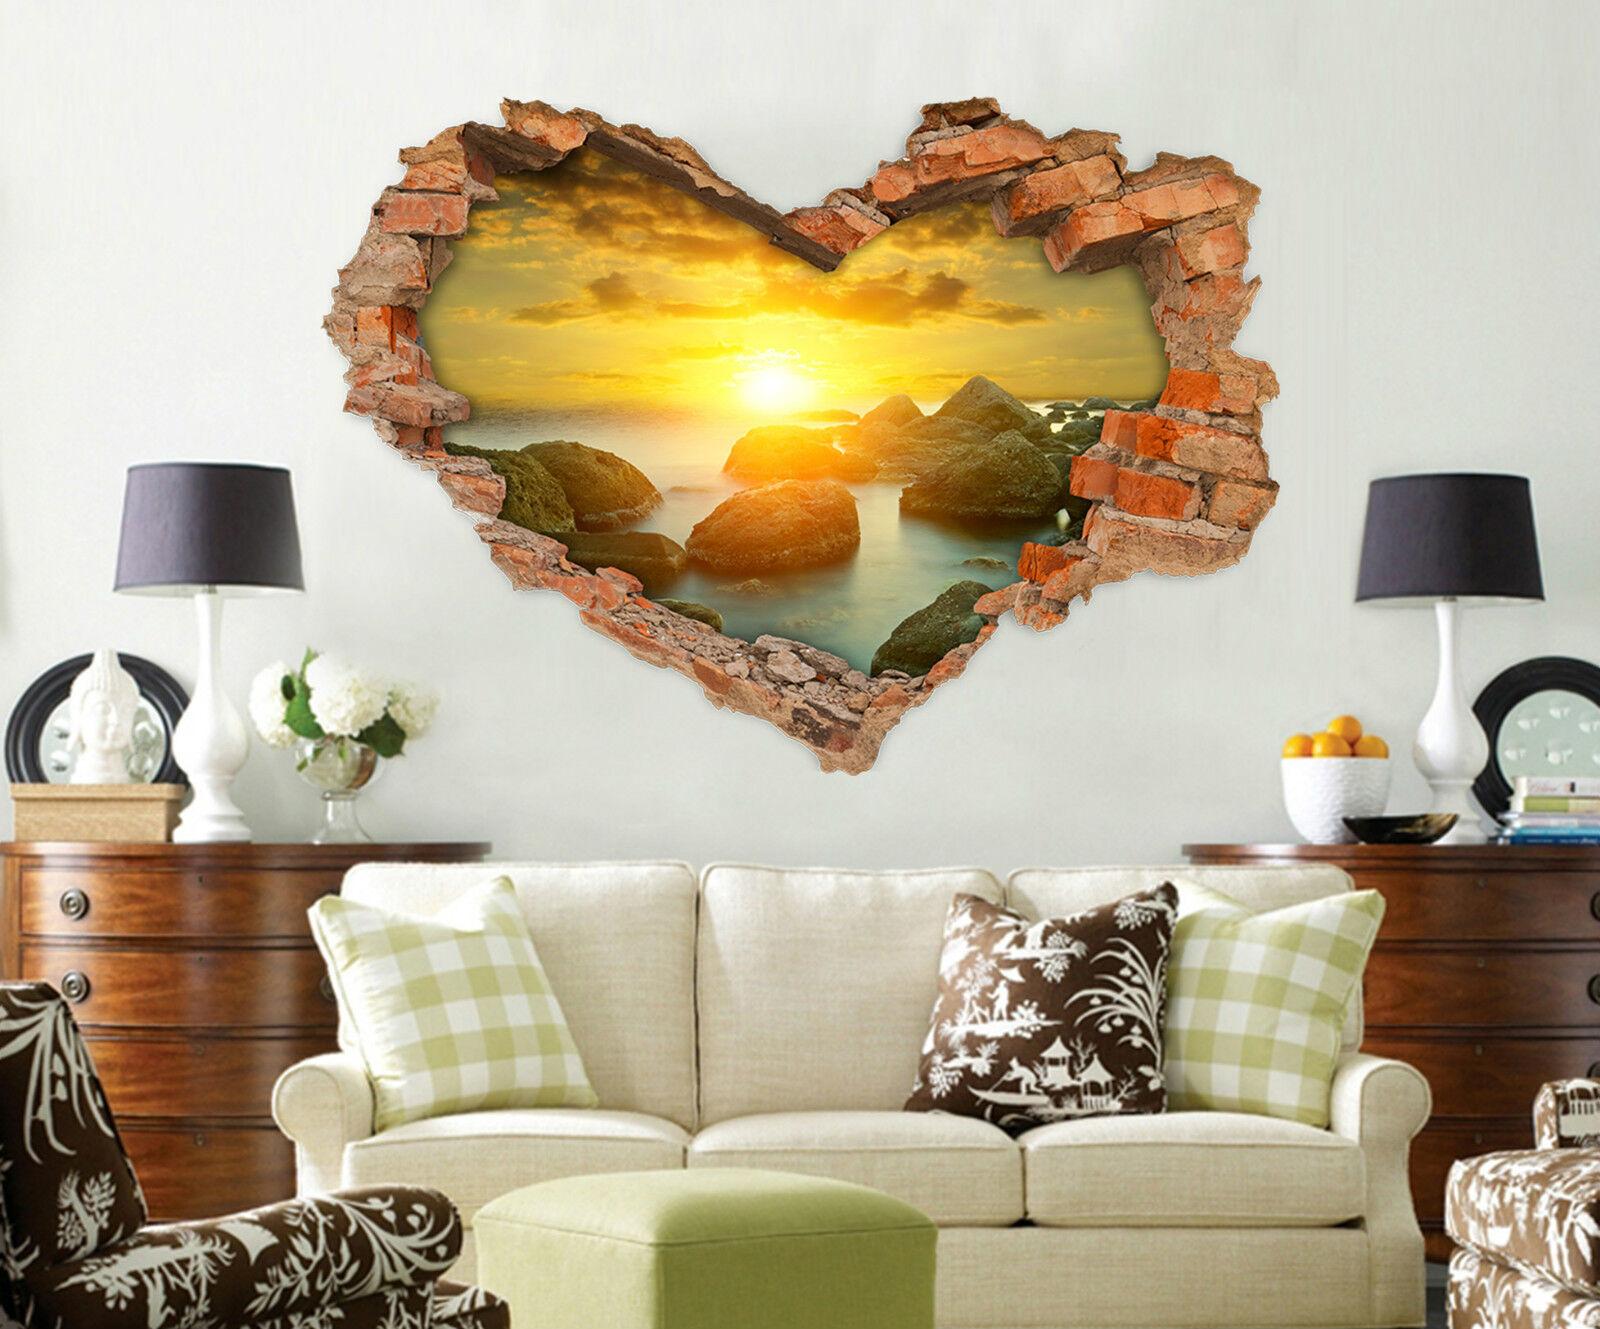 3D Sonnenschein 623 Mauer Murals Aufklebe Decal Durchbruch AJ WALLPAPER DE Lemon